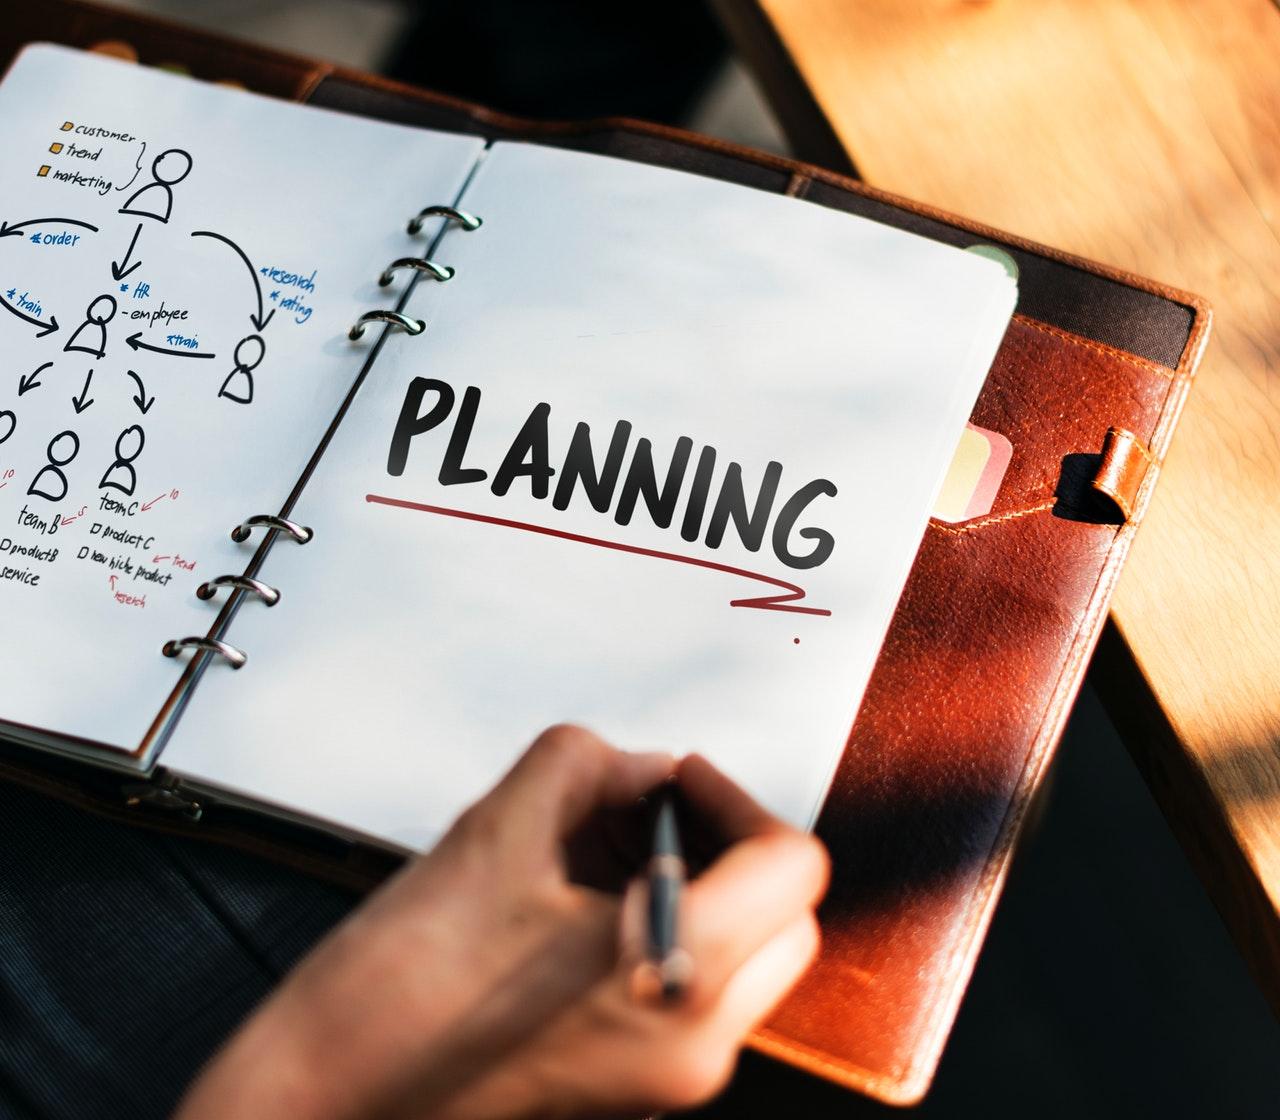 第六讲 新企业开办与计划制定